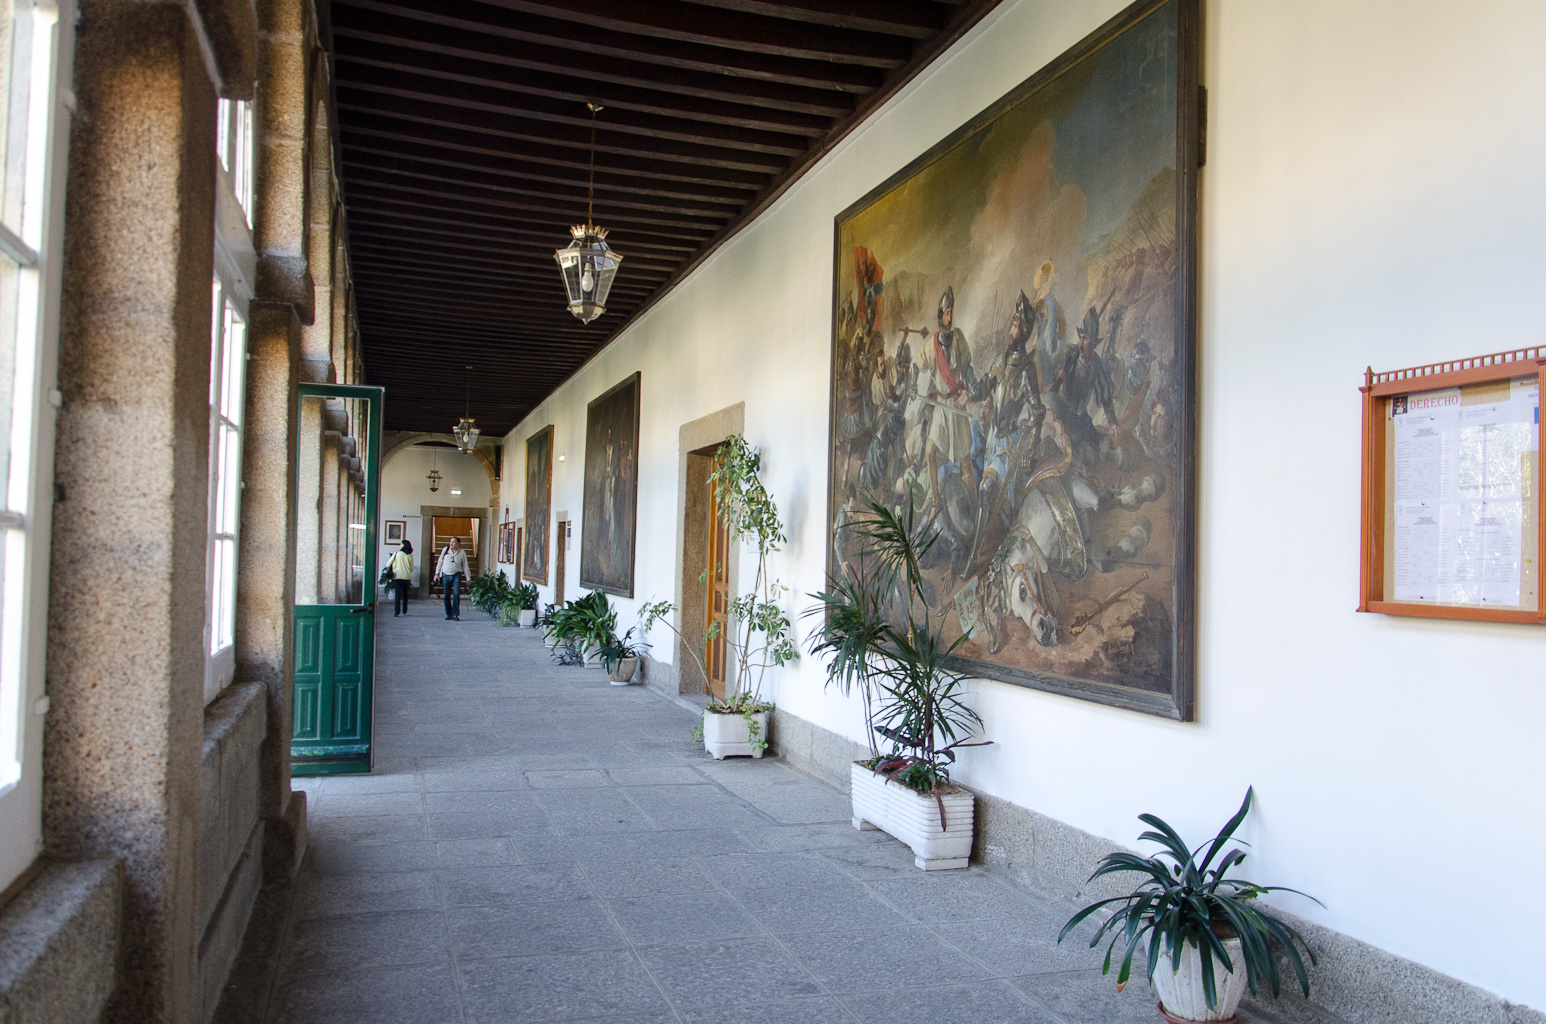 Pasillos Real Centro Universitario María Cristina